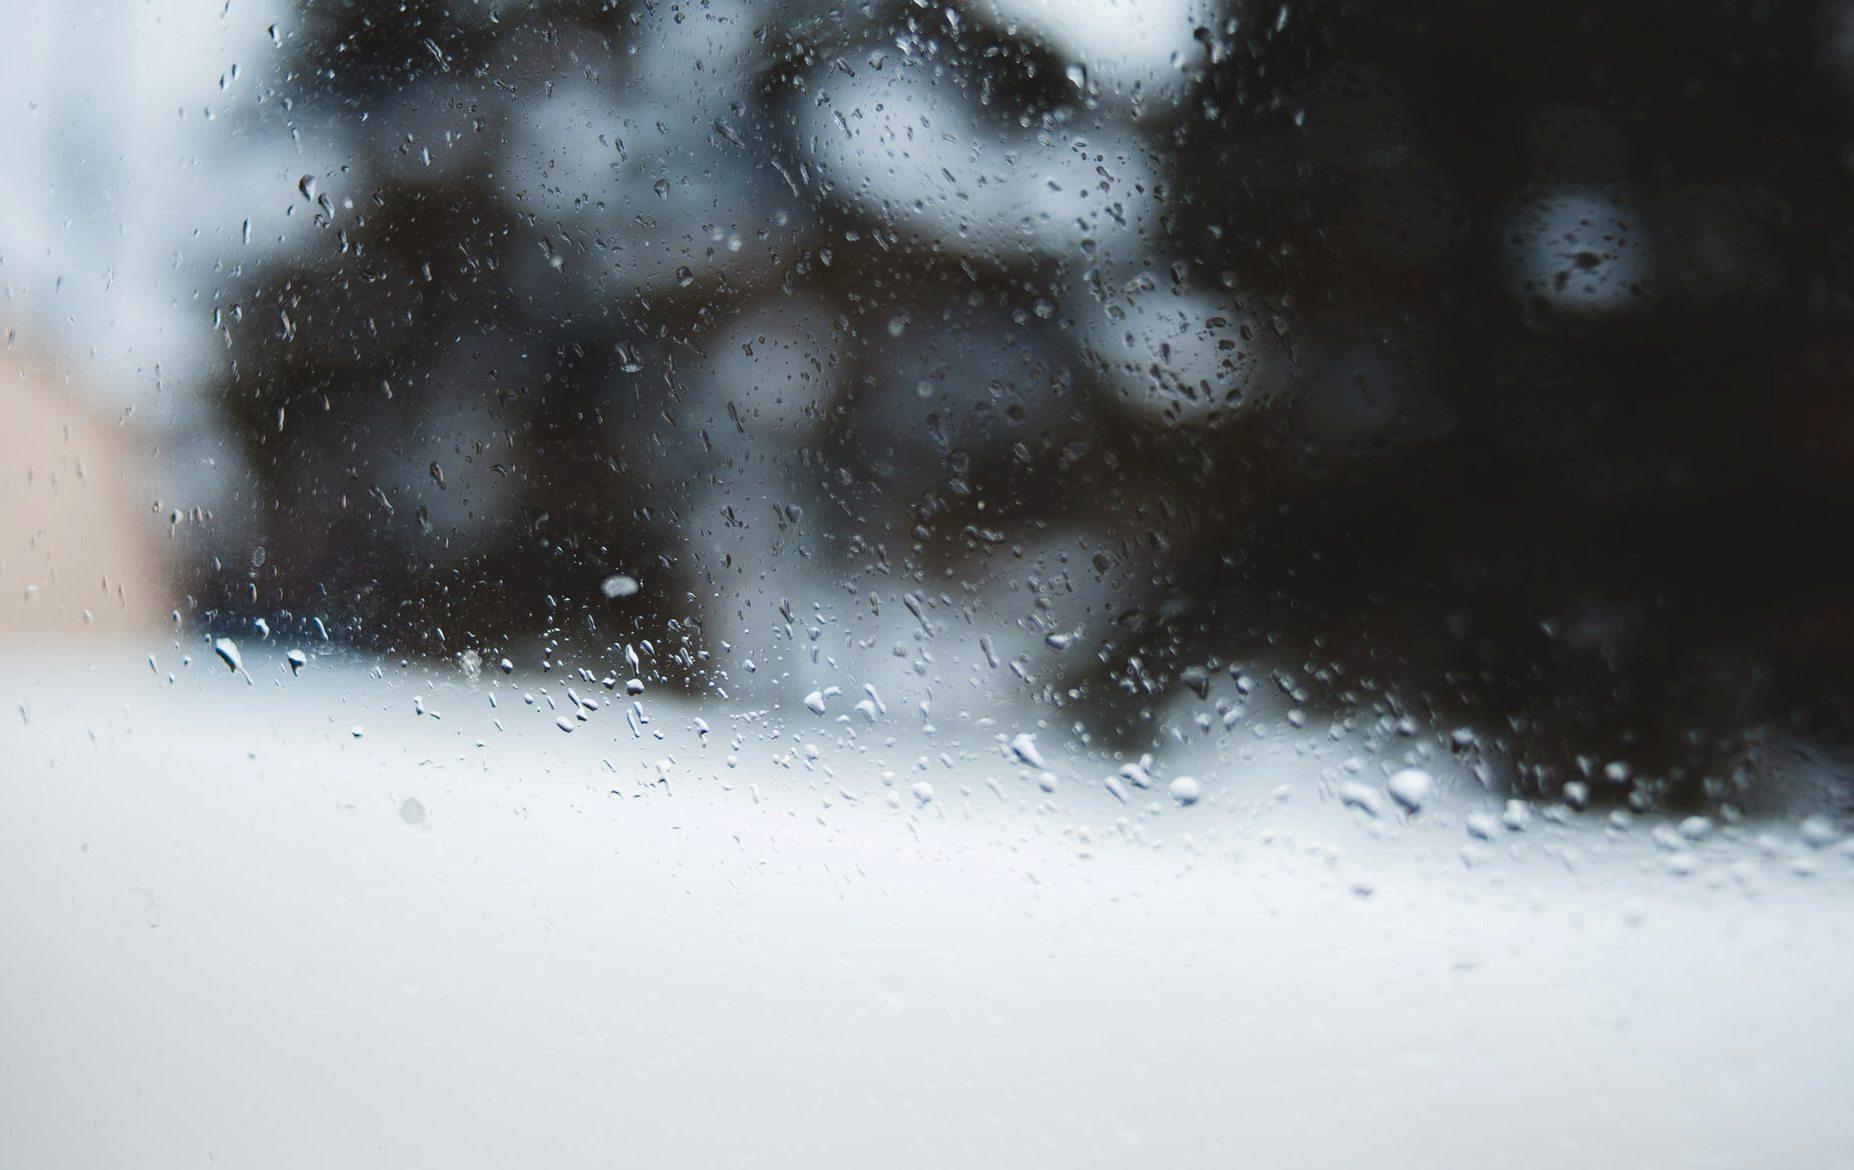 大雪にともなうお届け遅延について